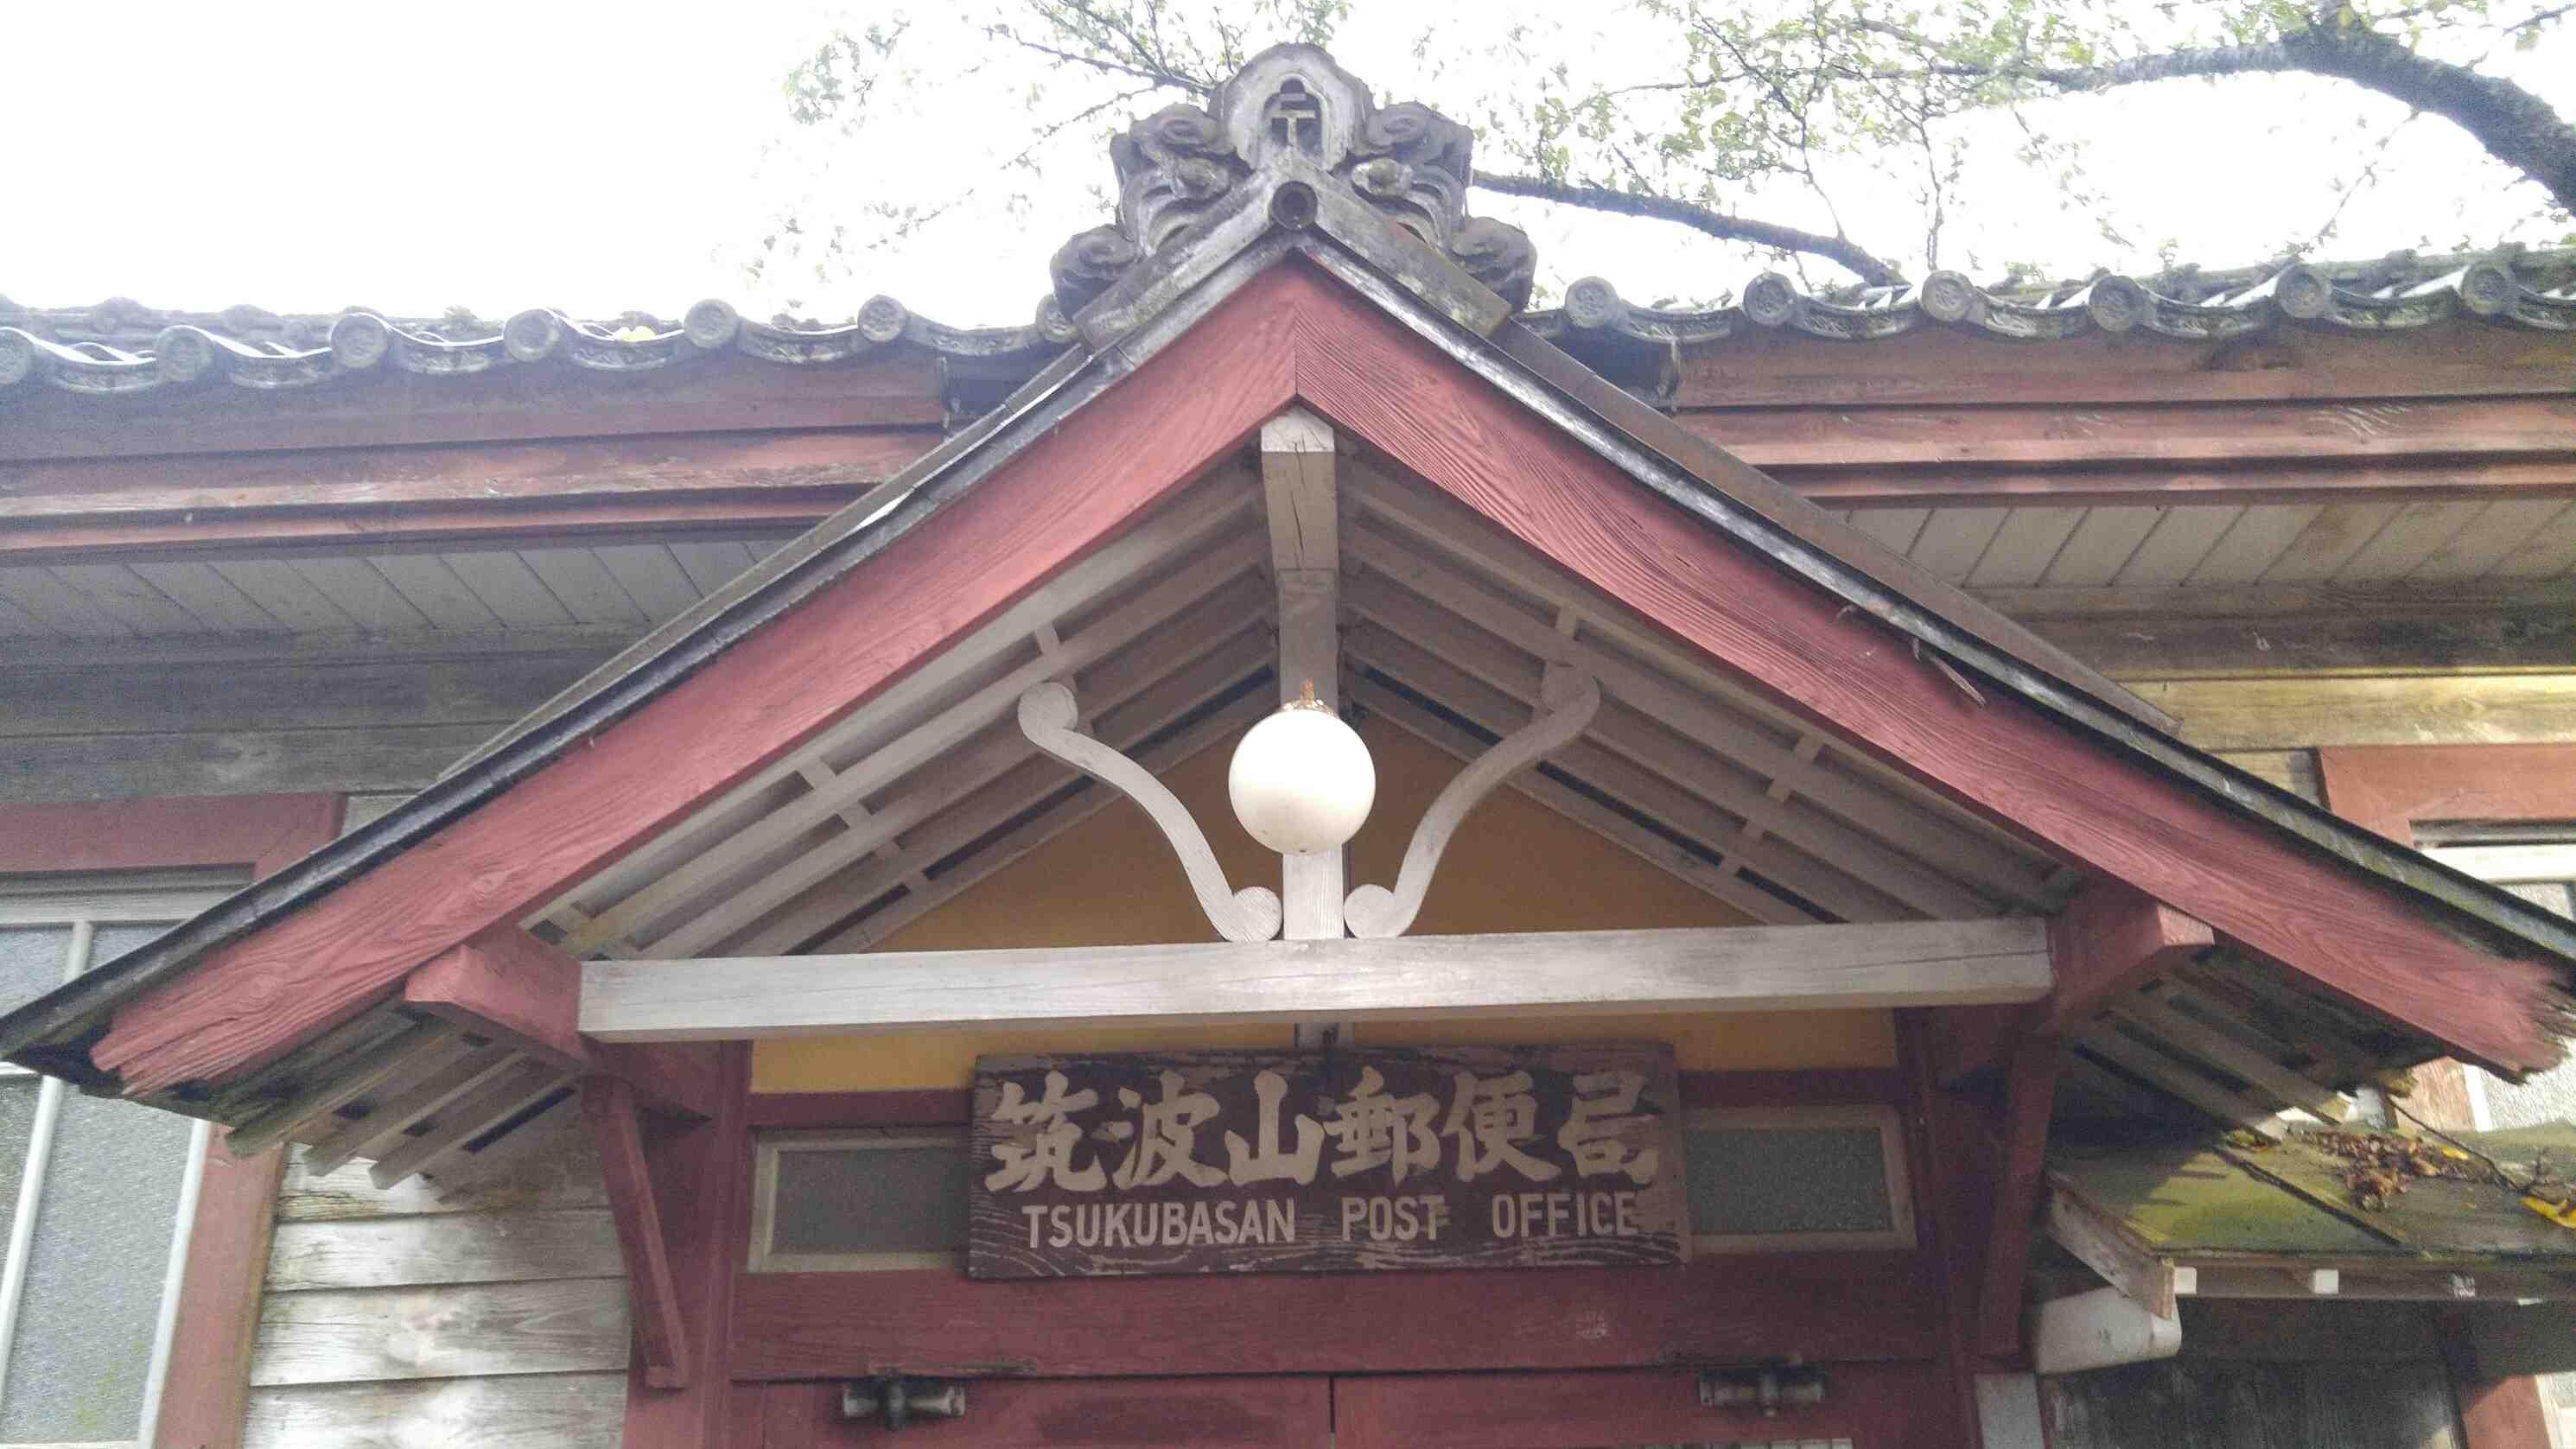 2 旧筑波山郵便局 春のふみの日_e0259870_17485972.jpg